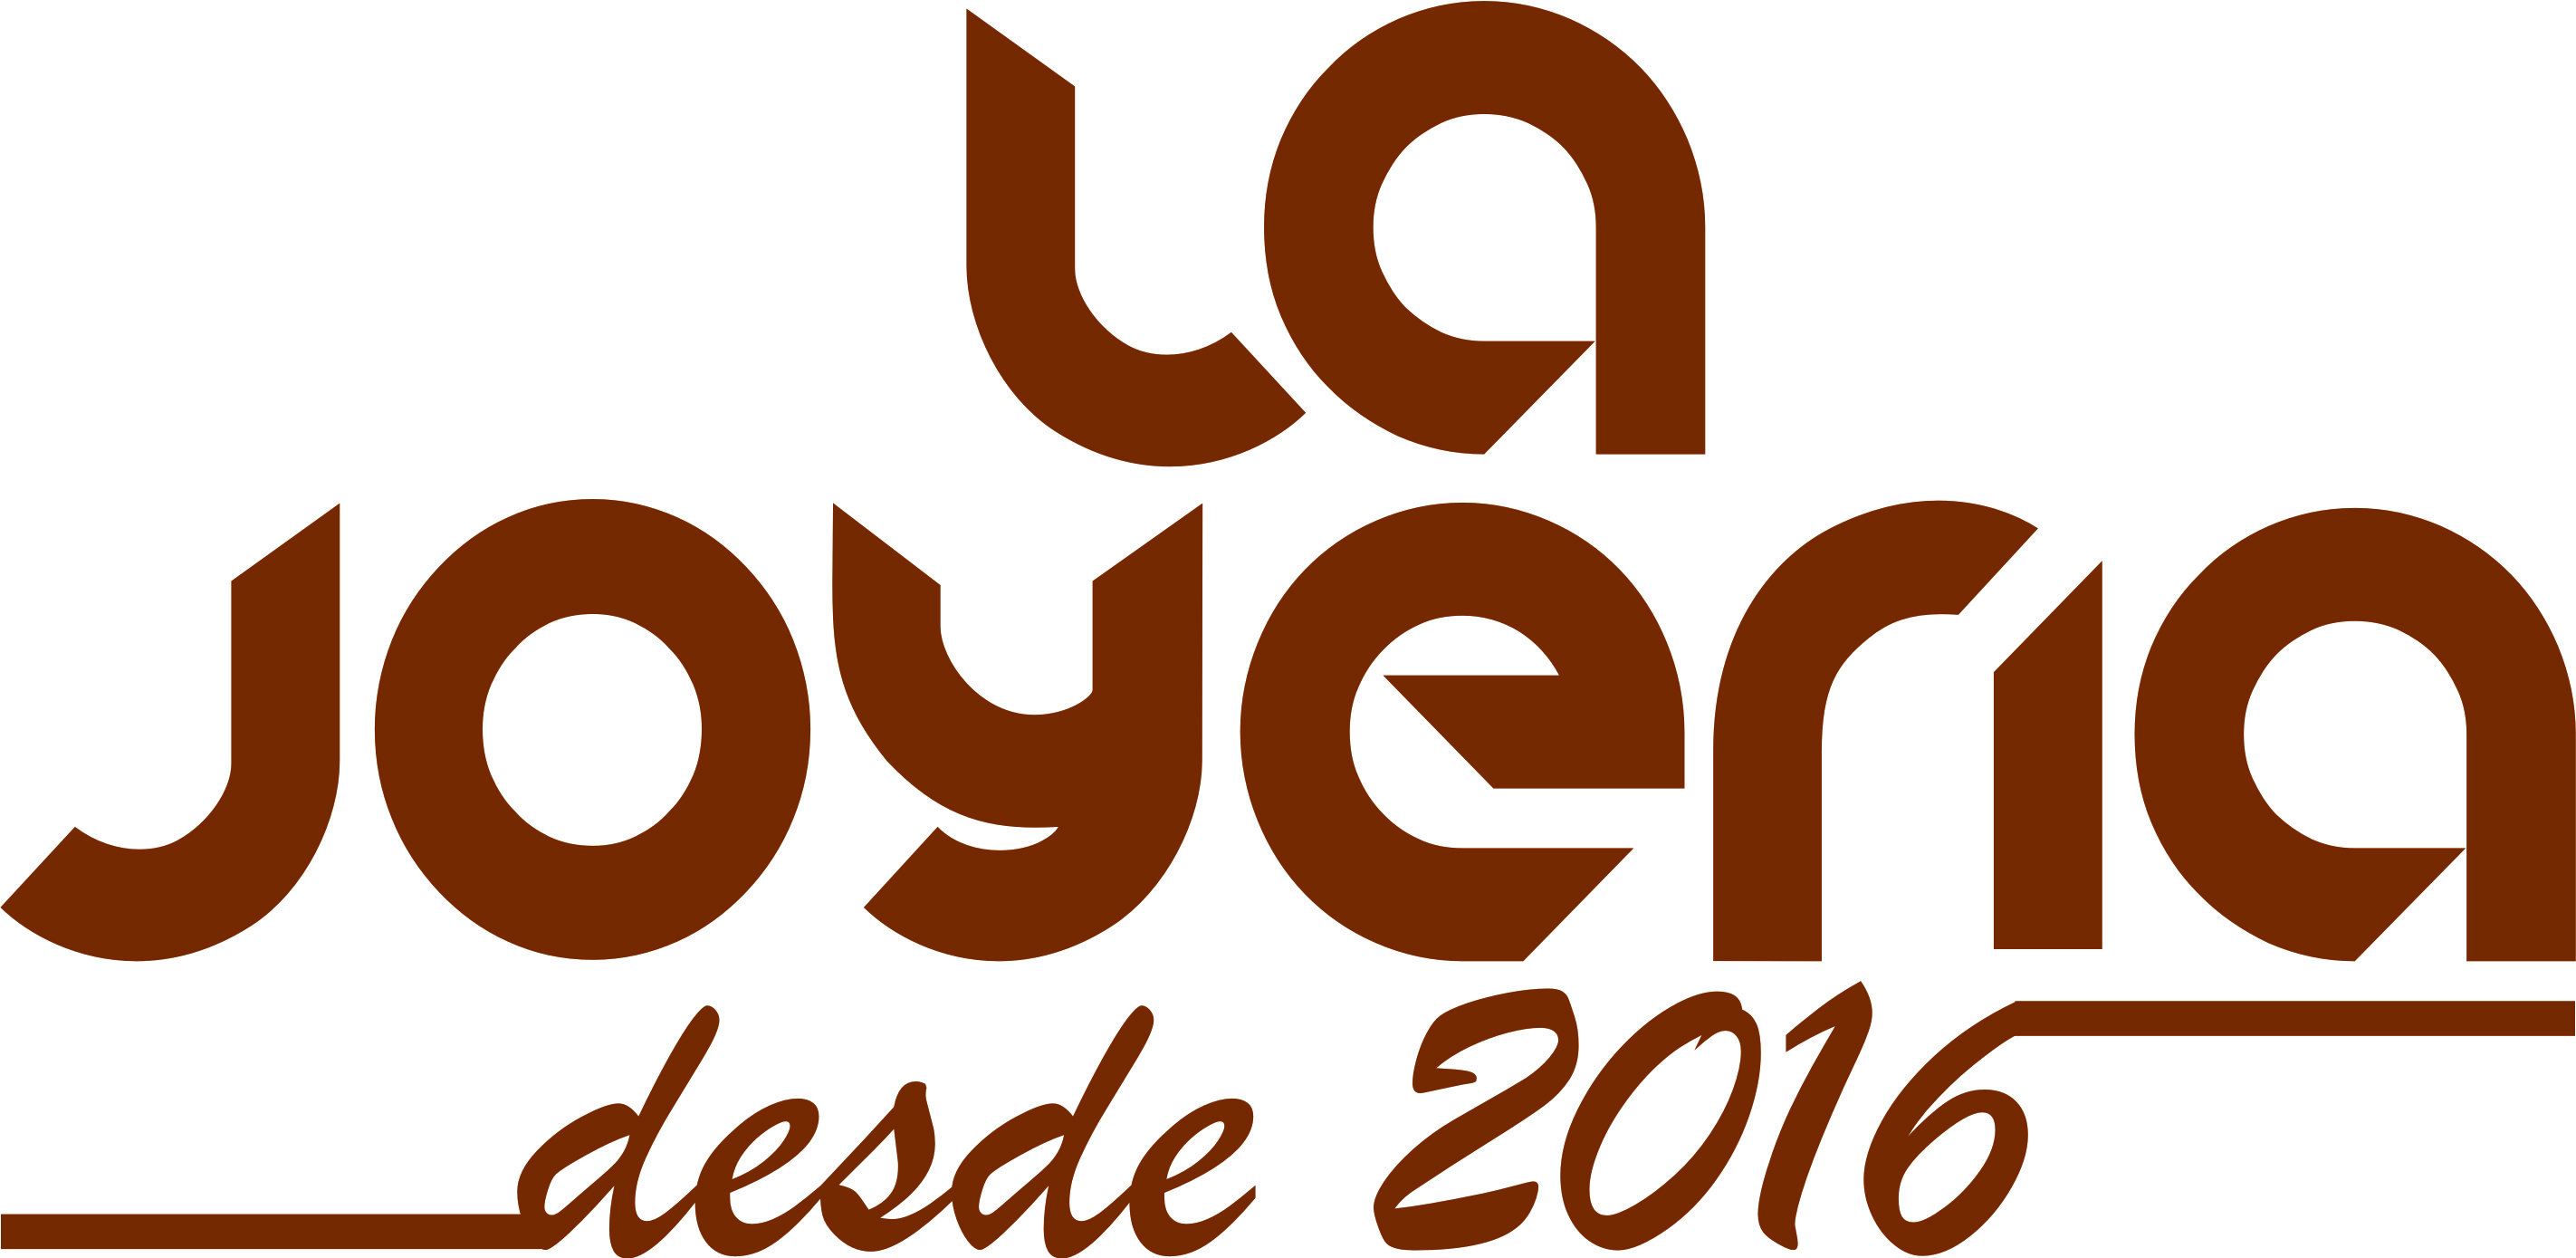 La Joyeria desde 2016